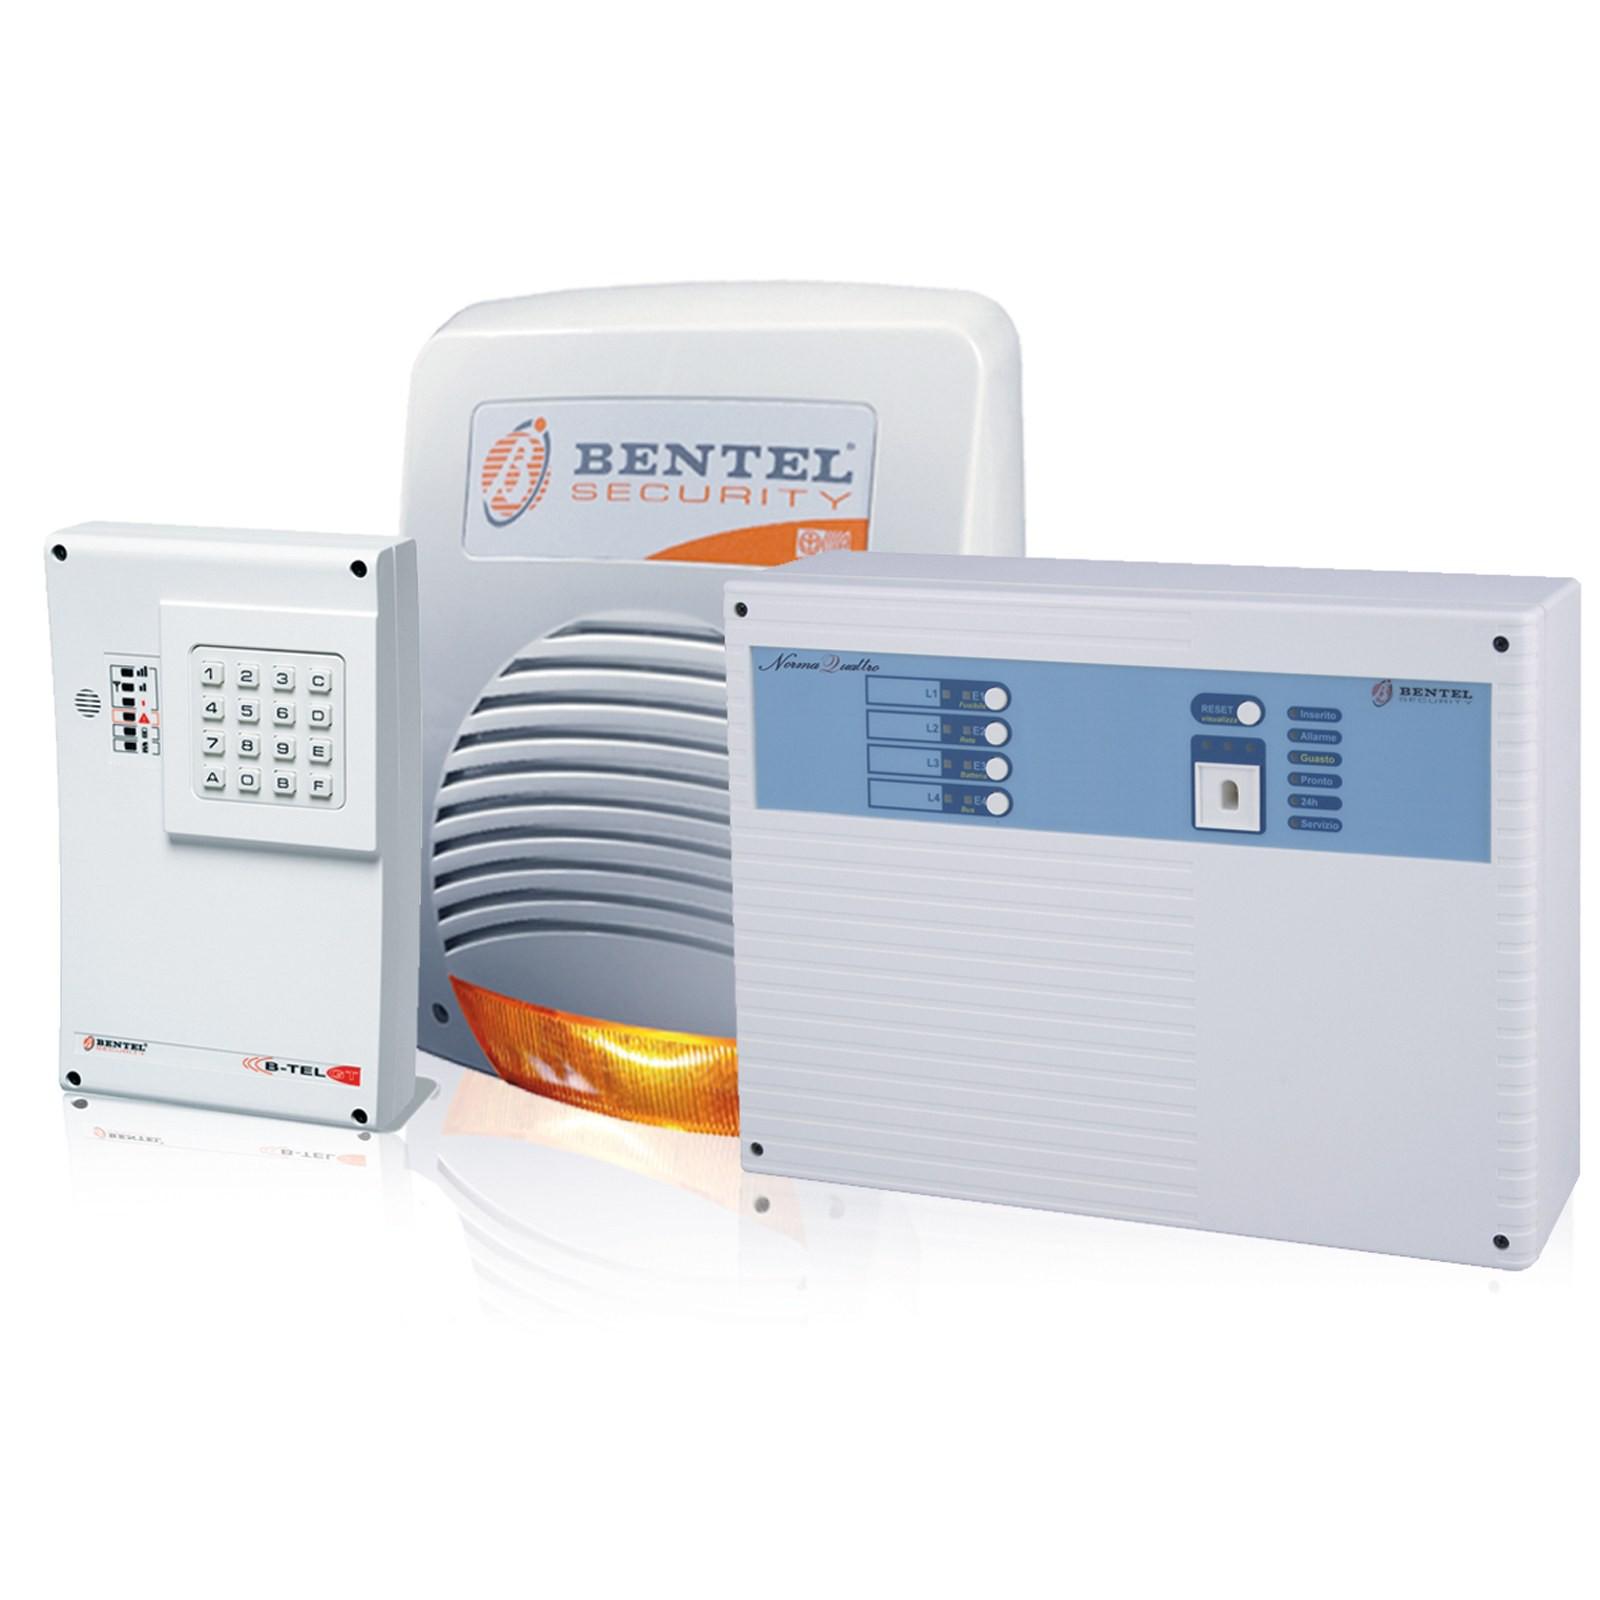 Kit allarme antifurto bentel centrale norma 4t 4 zone for Bentel norma 8